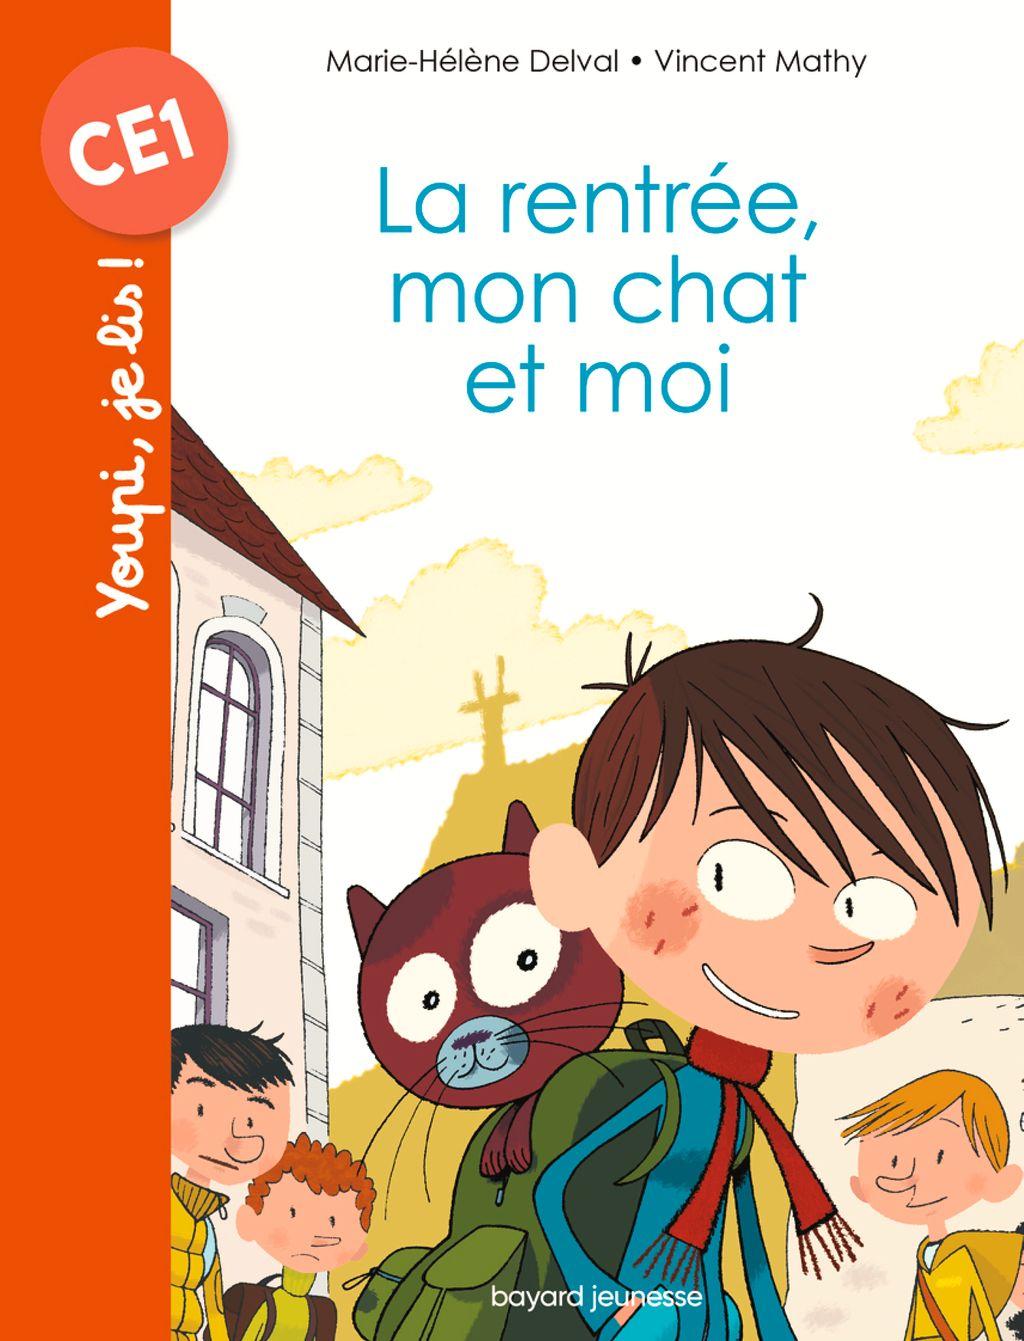 «La rentrée, mon chat et moi» cover